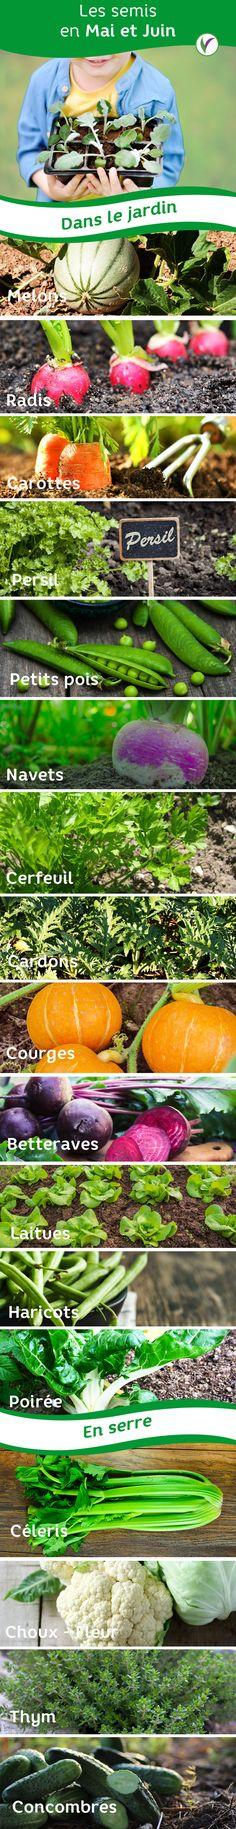 le goût juteux! un bonheur Bleu concombres récoltes dans son propre jardin